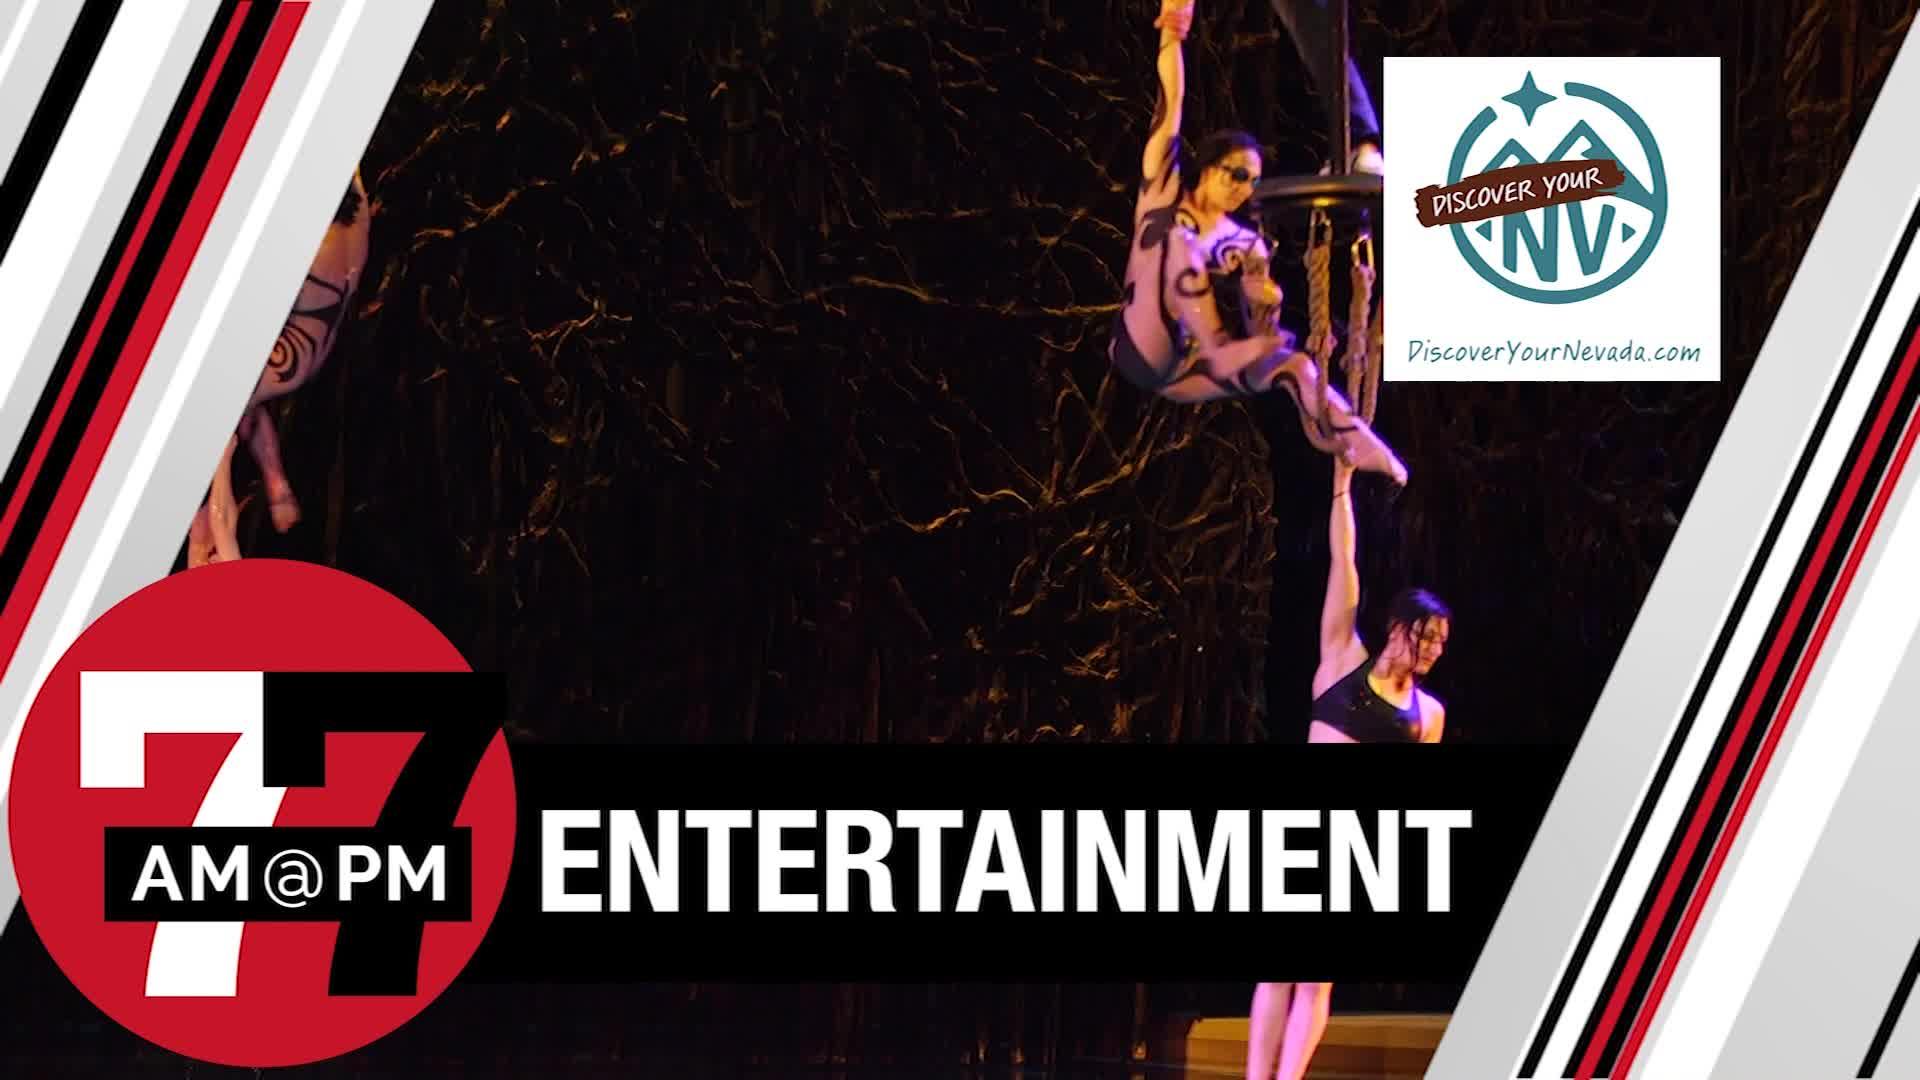 7@7PM Cirque du Soleil Returning